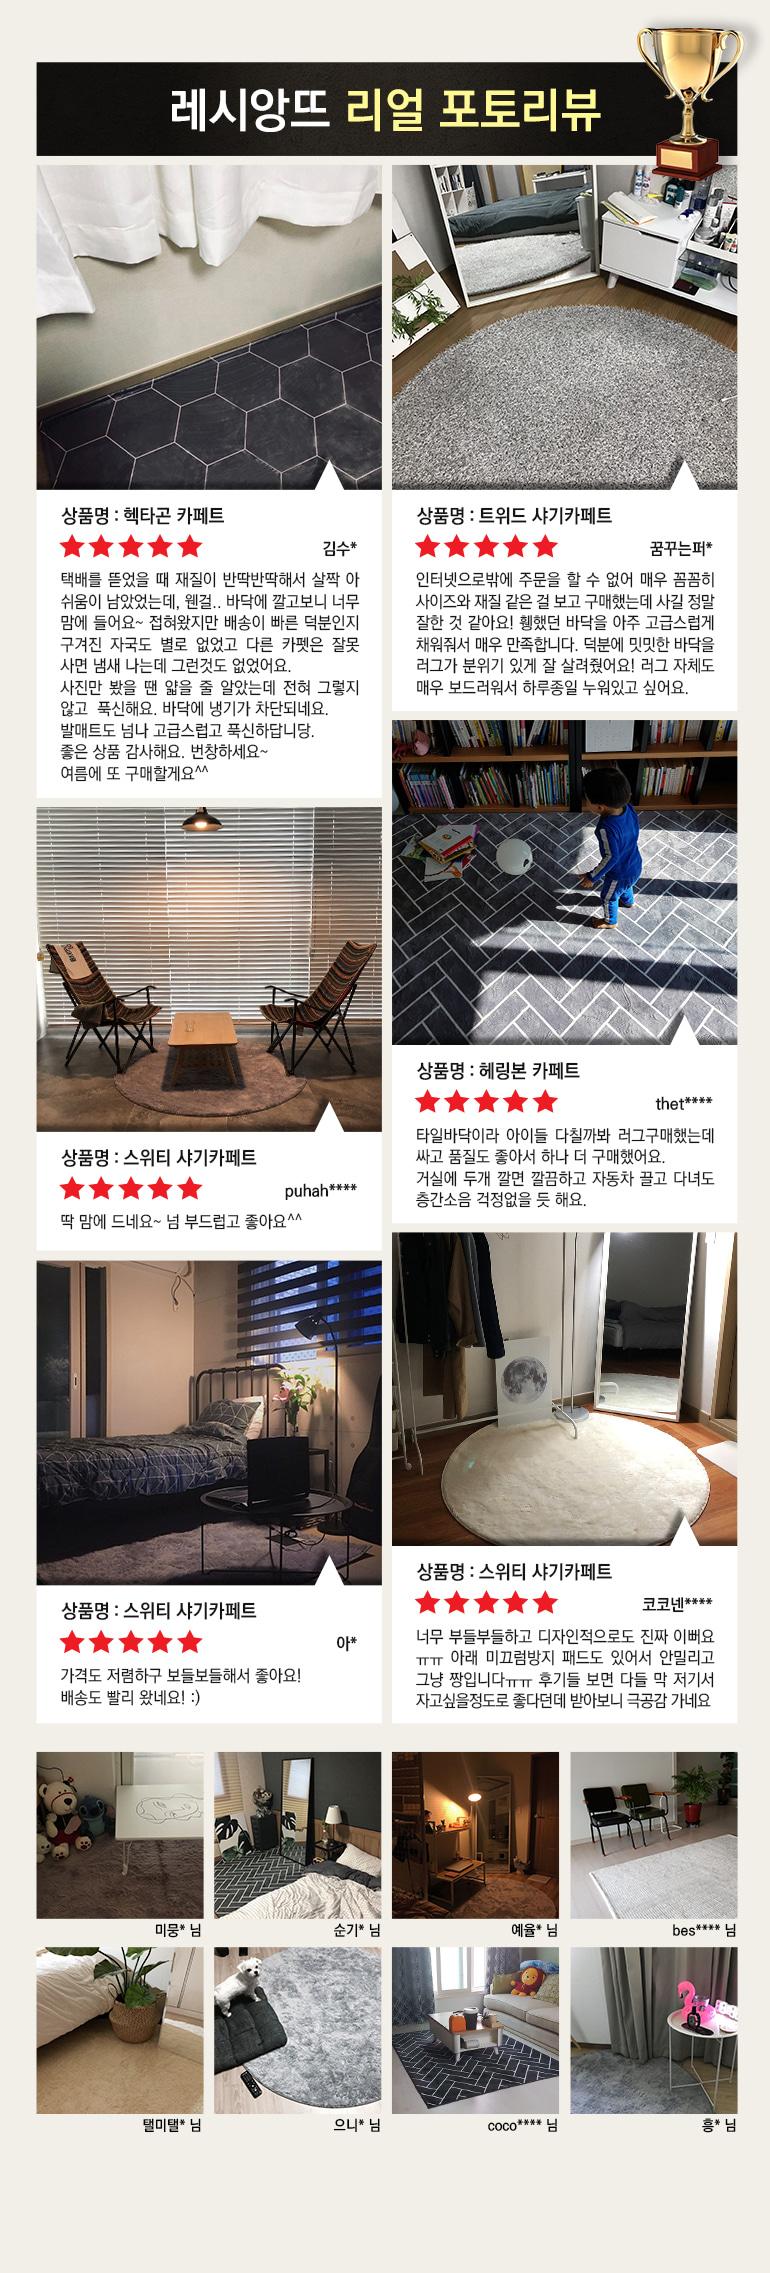 스탠다드 샤기 대형 주방발매트 세트 - 레시앙뜨, 22,000원, 디자인러그, 샤기 카페트